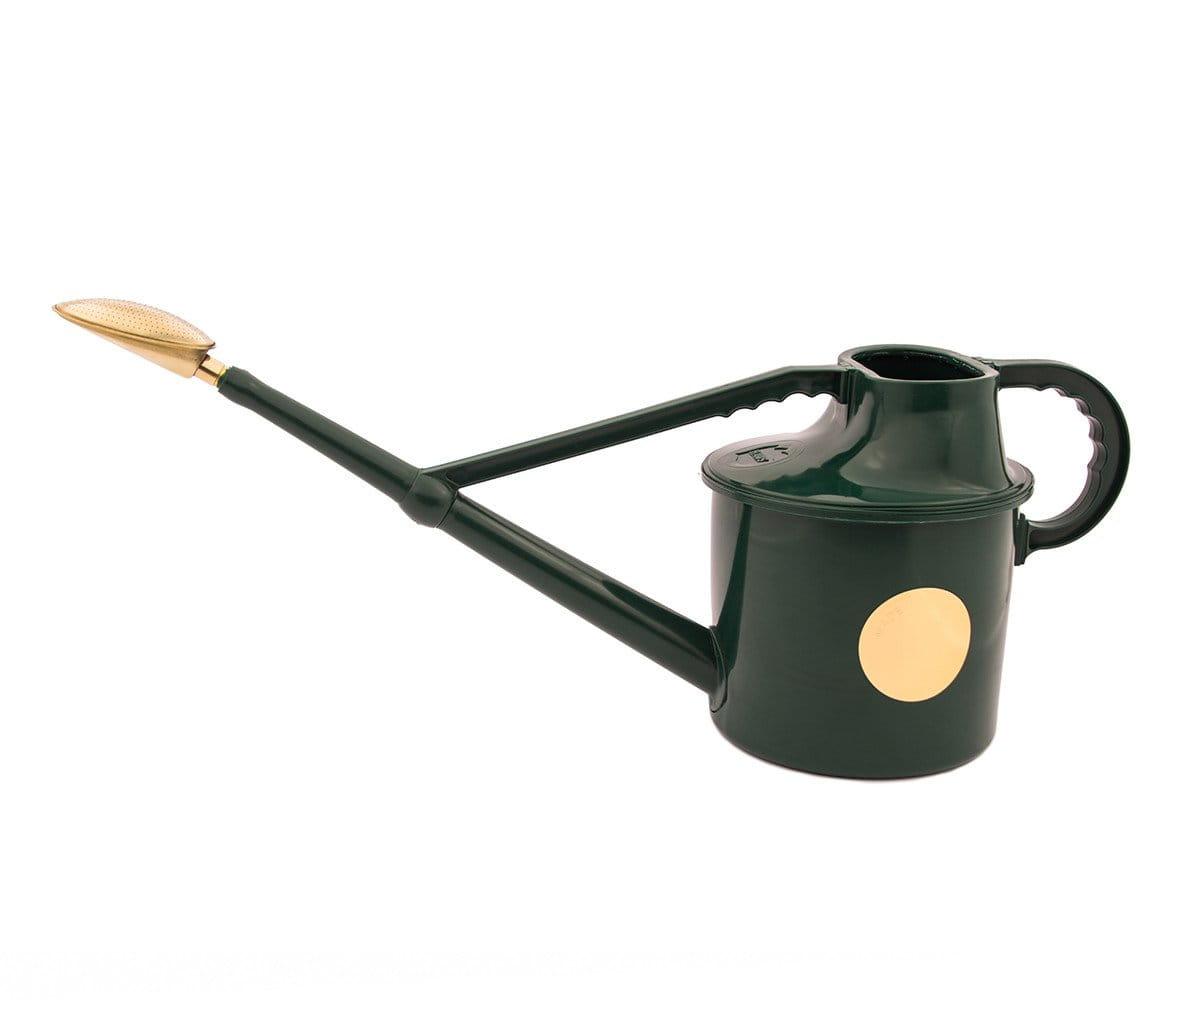 Konewka angielska plastikowa zielona (7L)